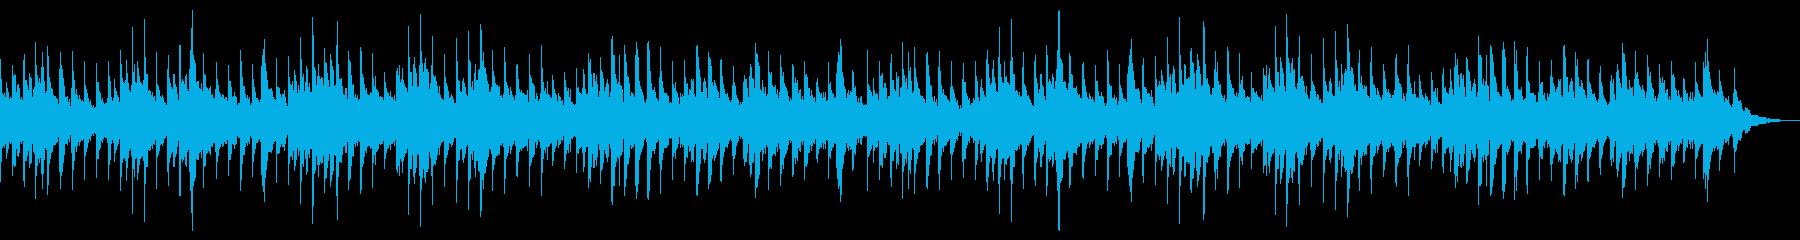 ジブリアニメ風_子供_メルヘン_無人島の再生済みの波形